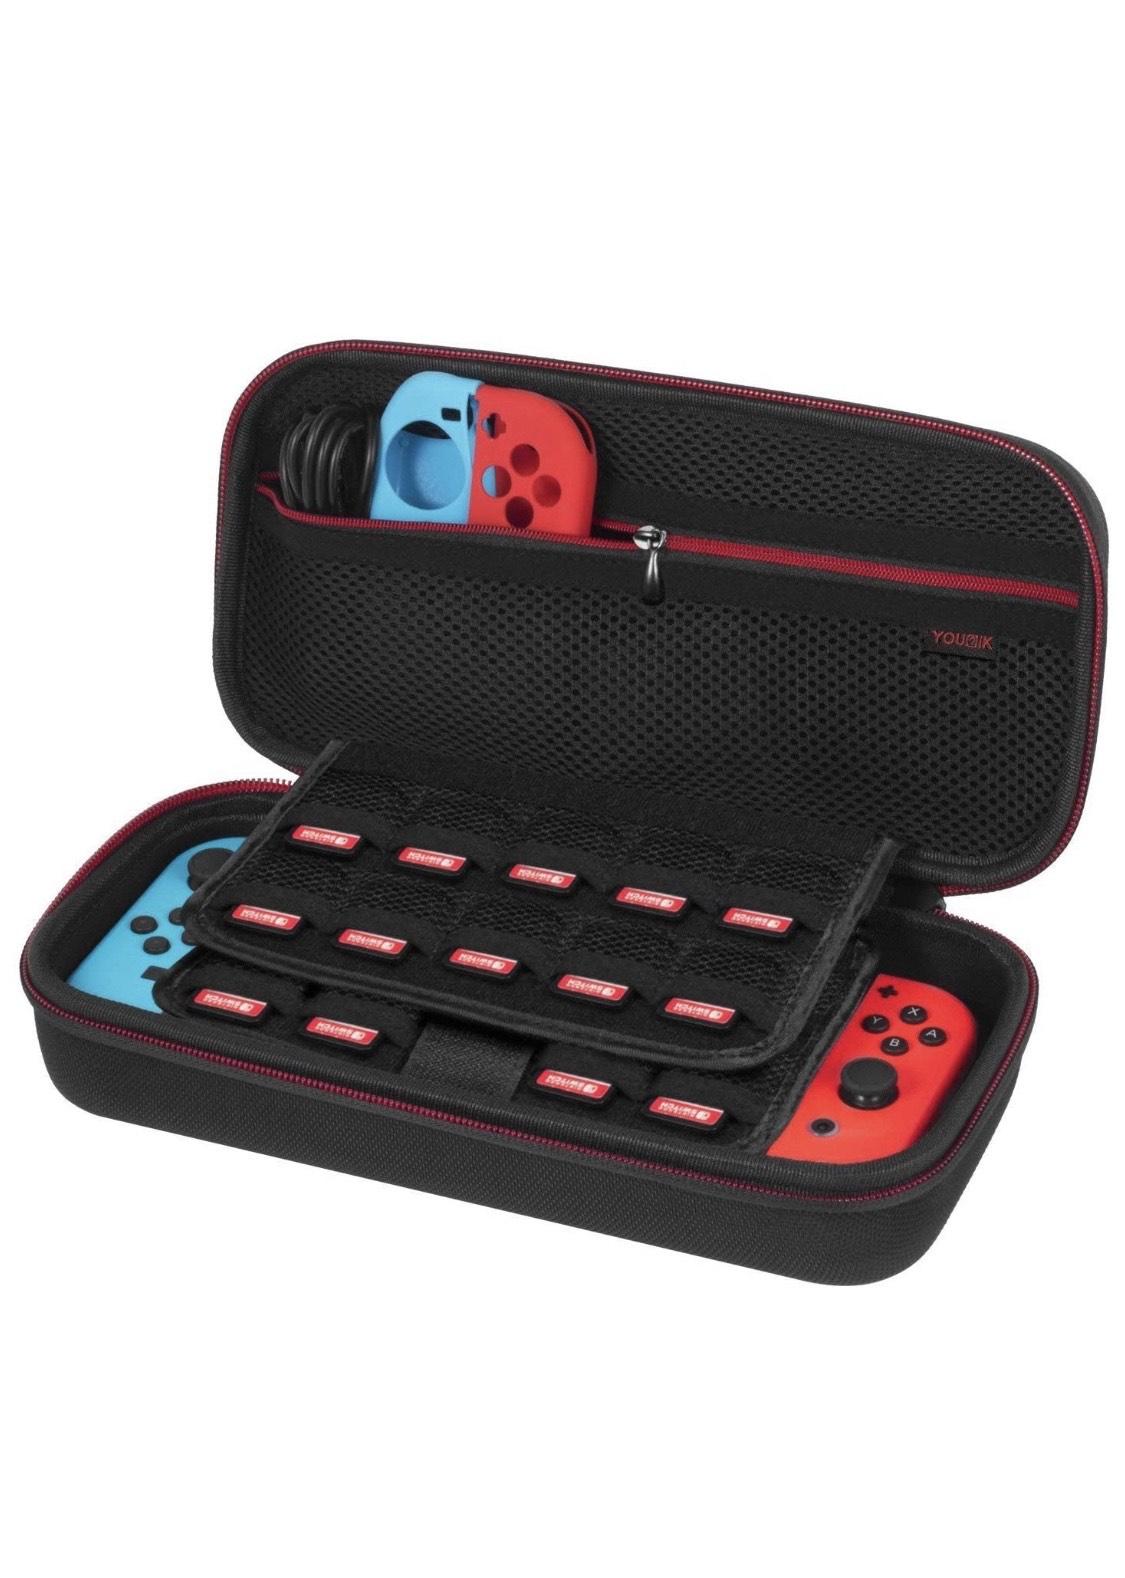 Tasche für Nintendo Switch - Younik